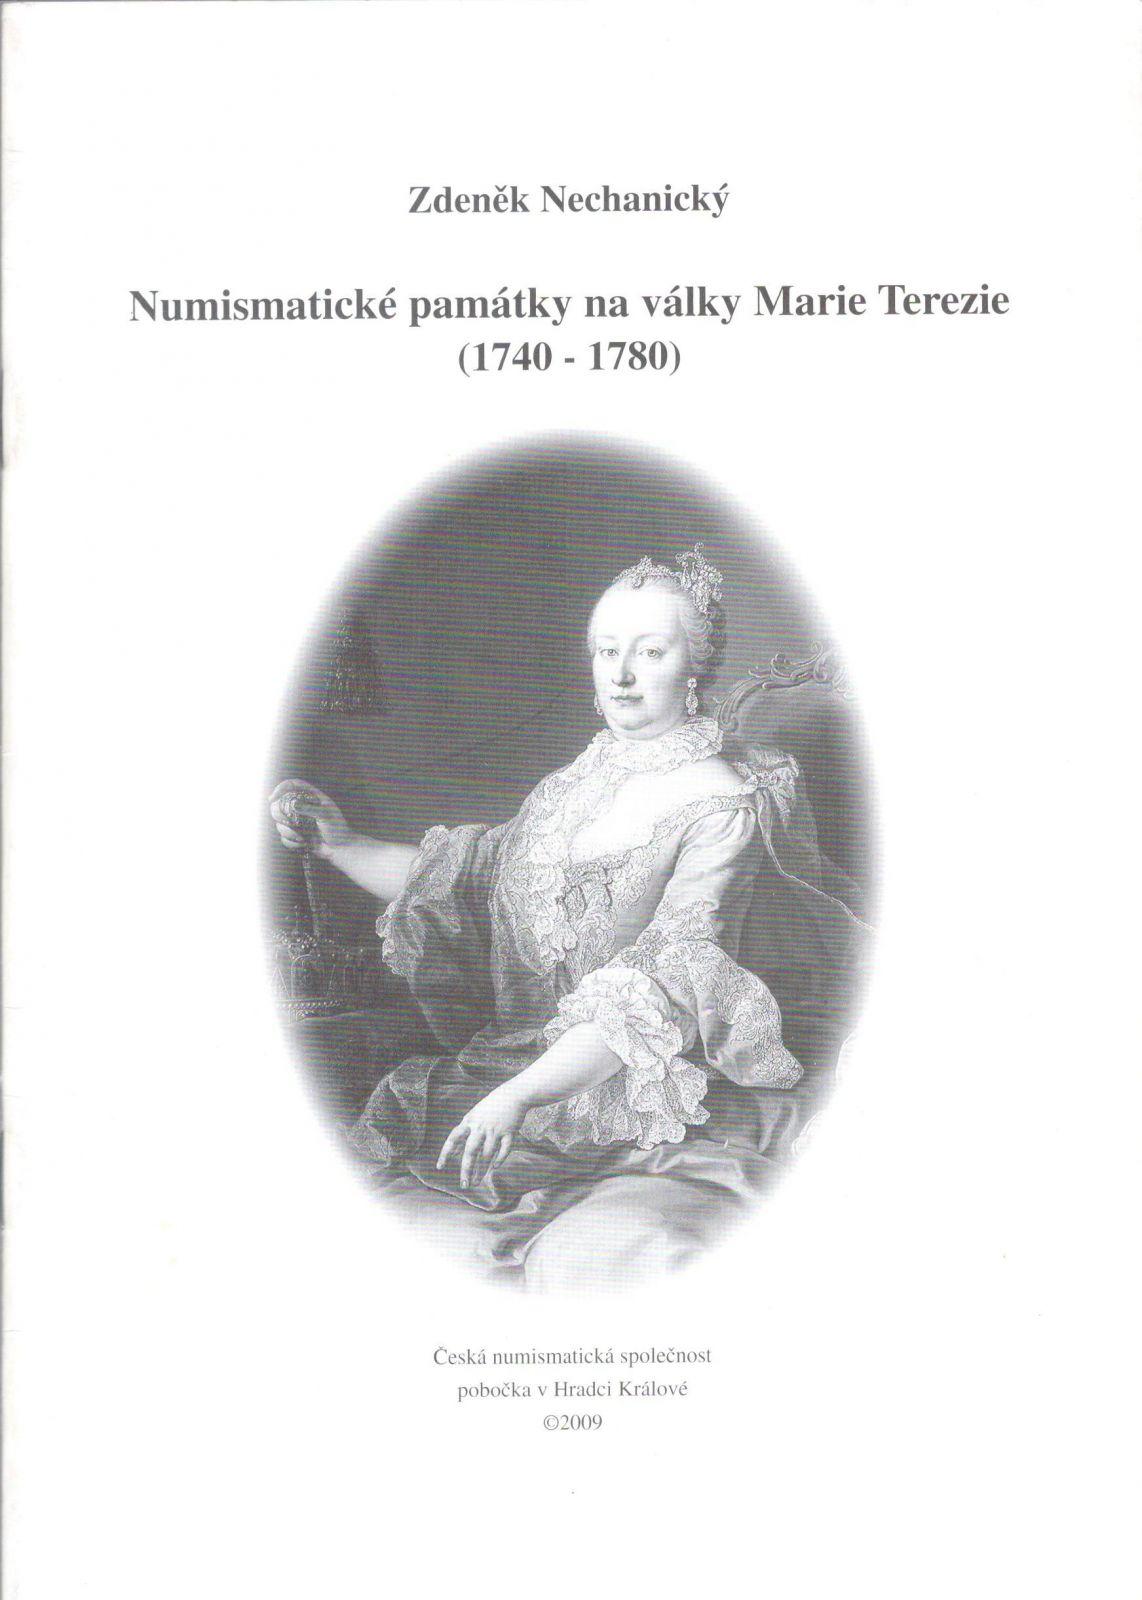 Numismatické památky na války Marie Terezie 1740-1780 (2009), Z.Nechanický